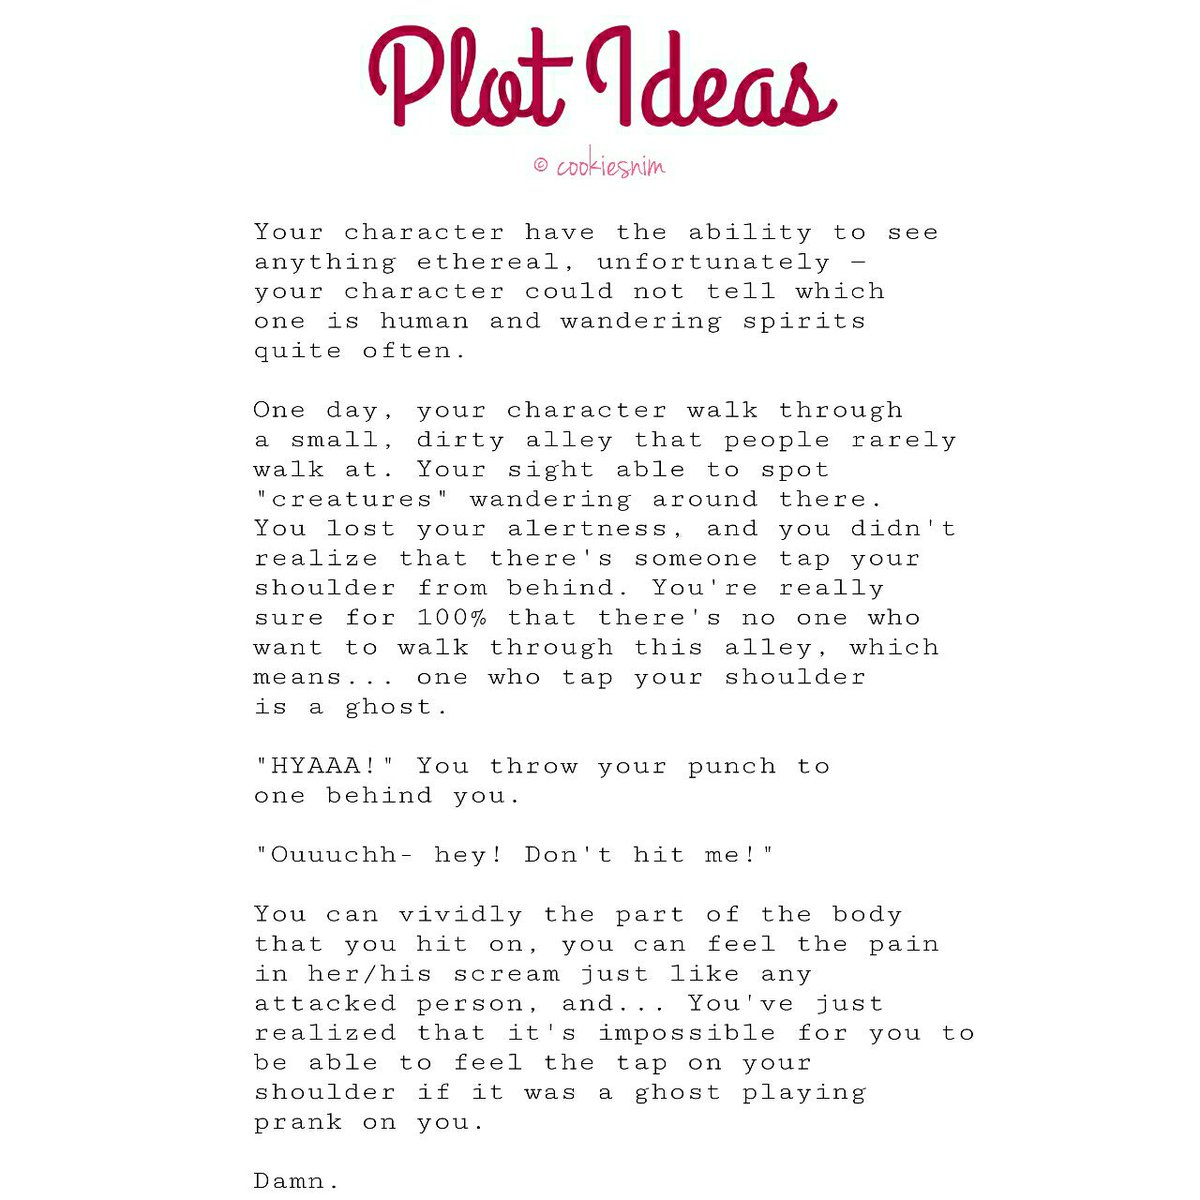 Plot Ideas. on Twitter